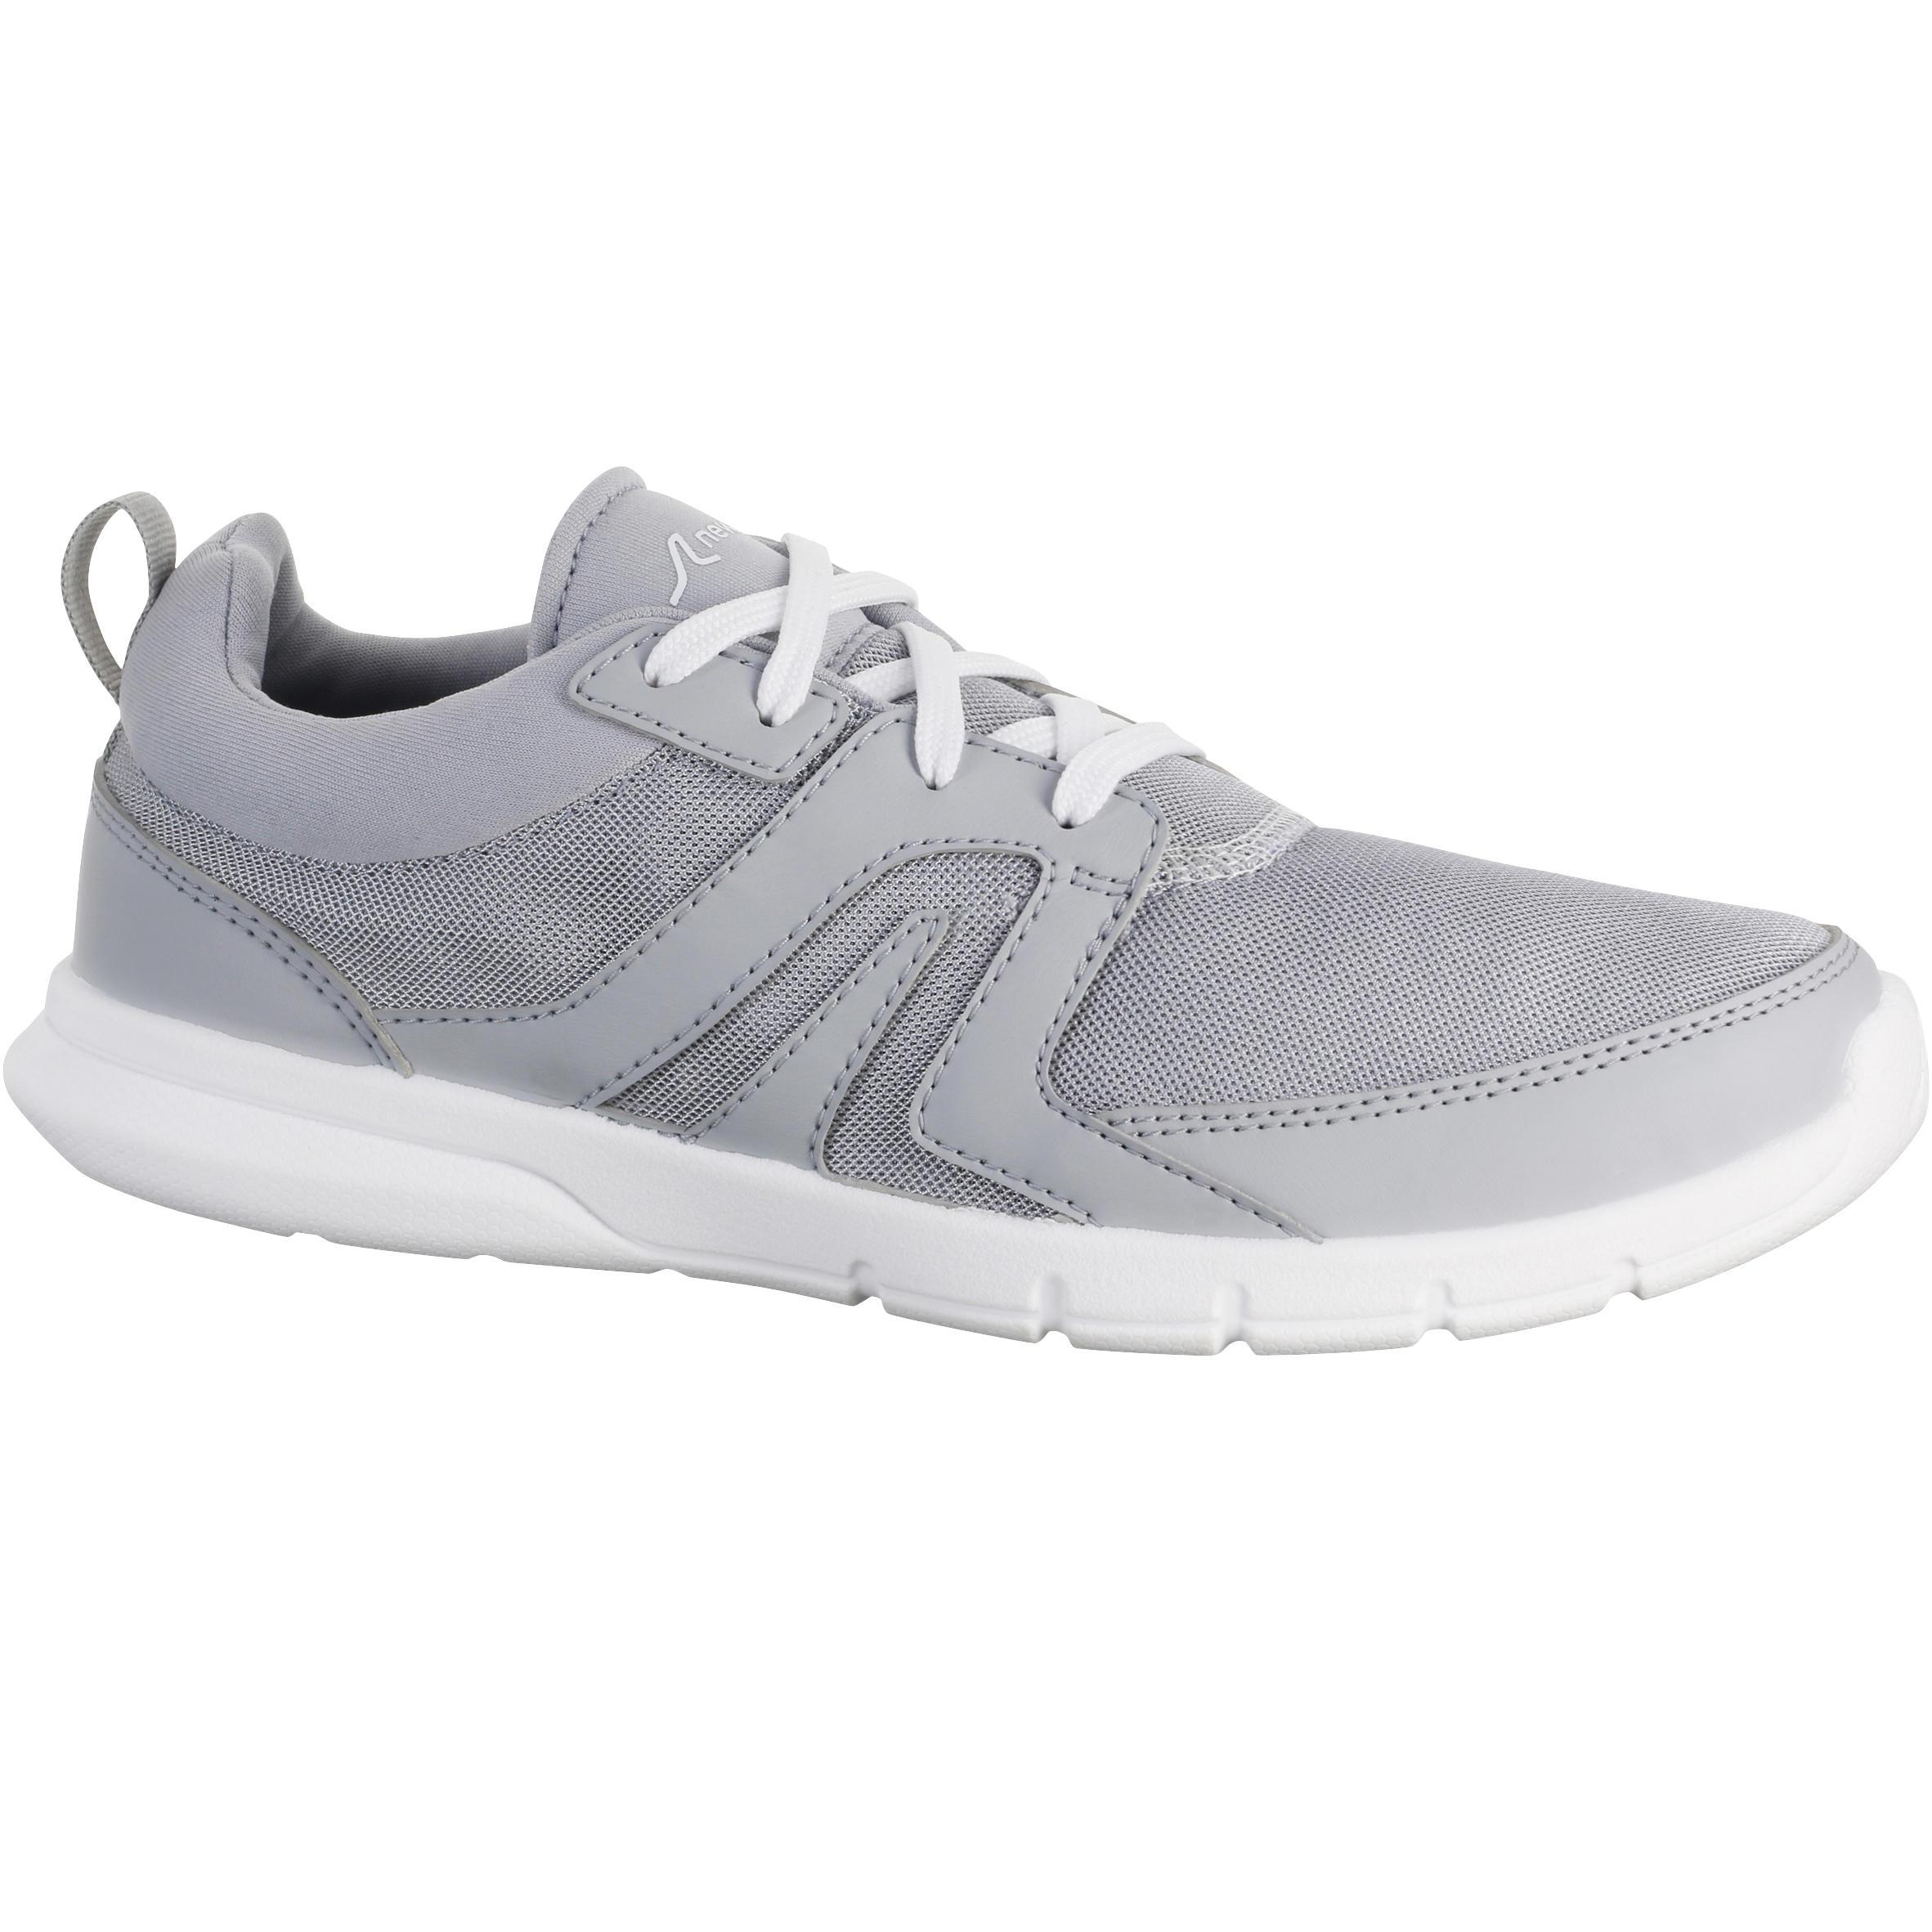 Tenis de marcha activa para mujer Soft 100 gris claro